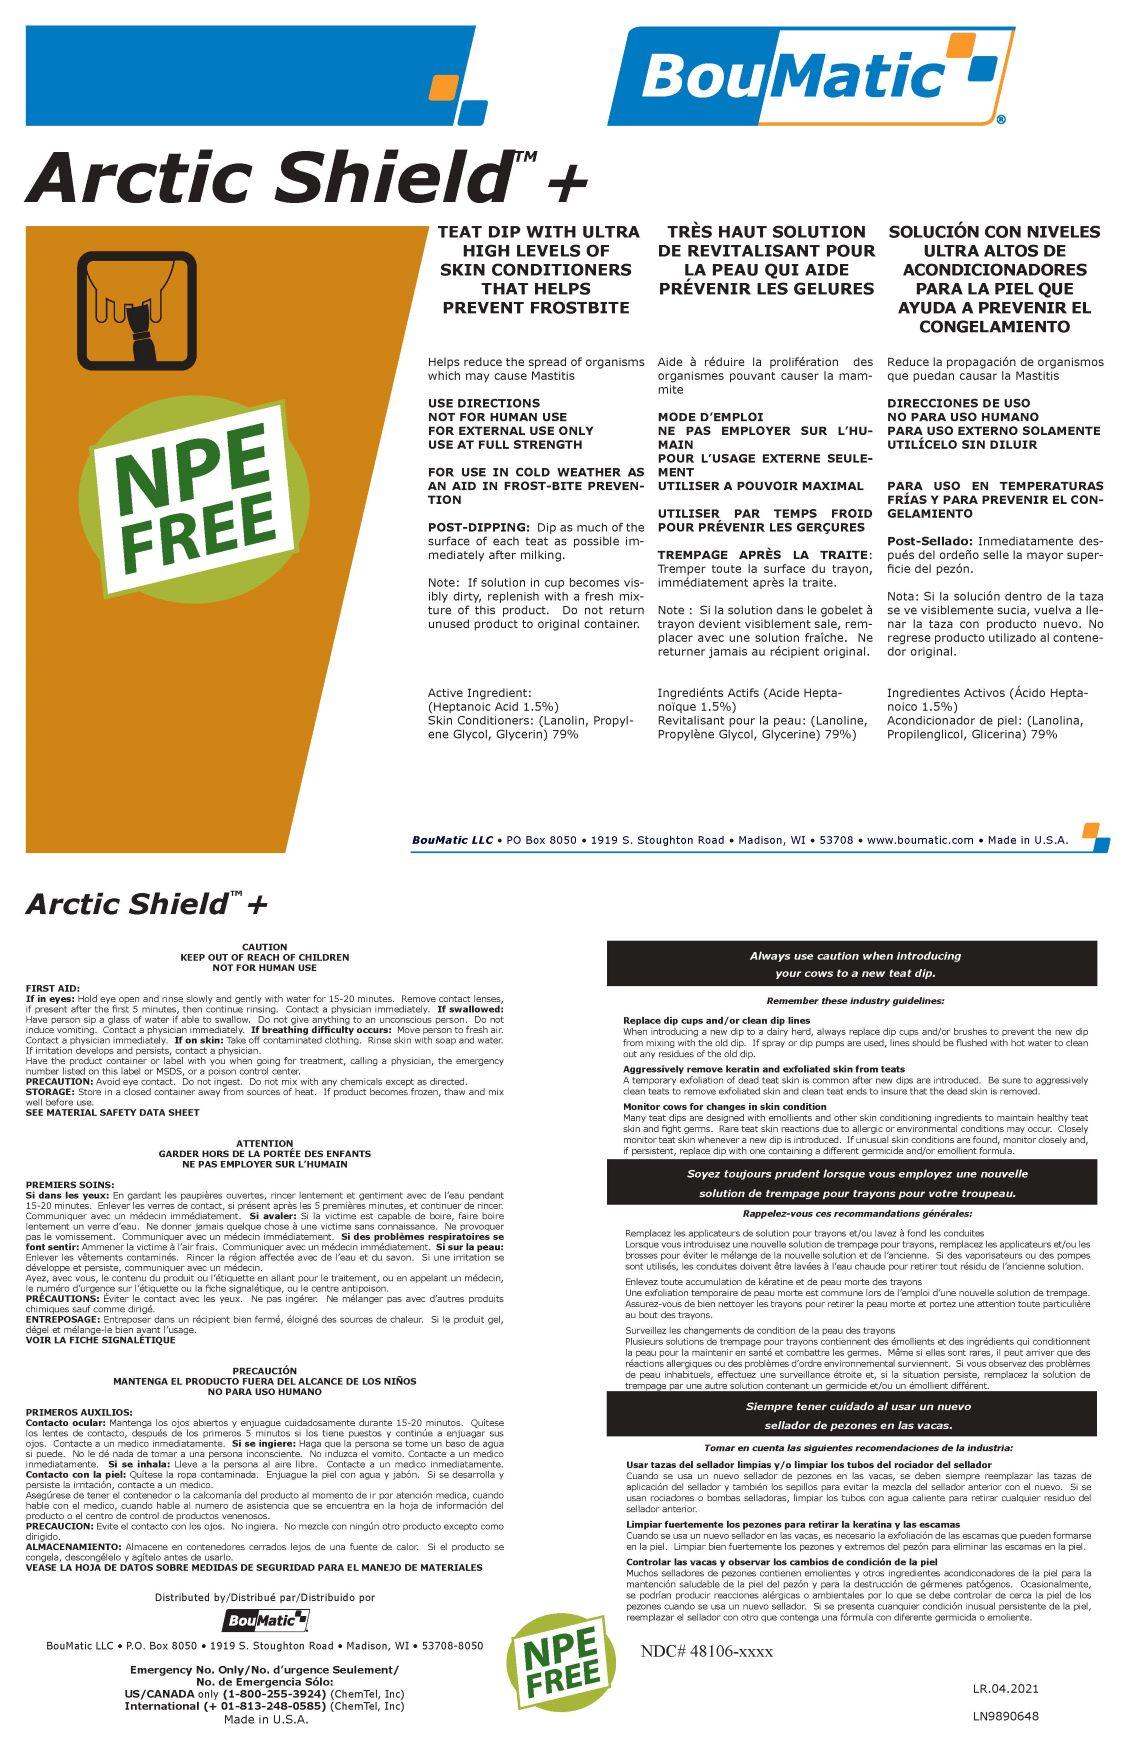 Arctic Shield Plus label